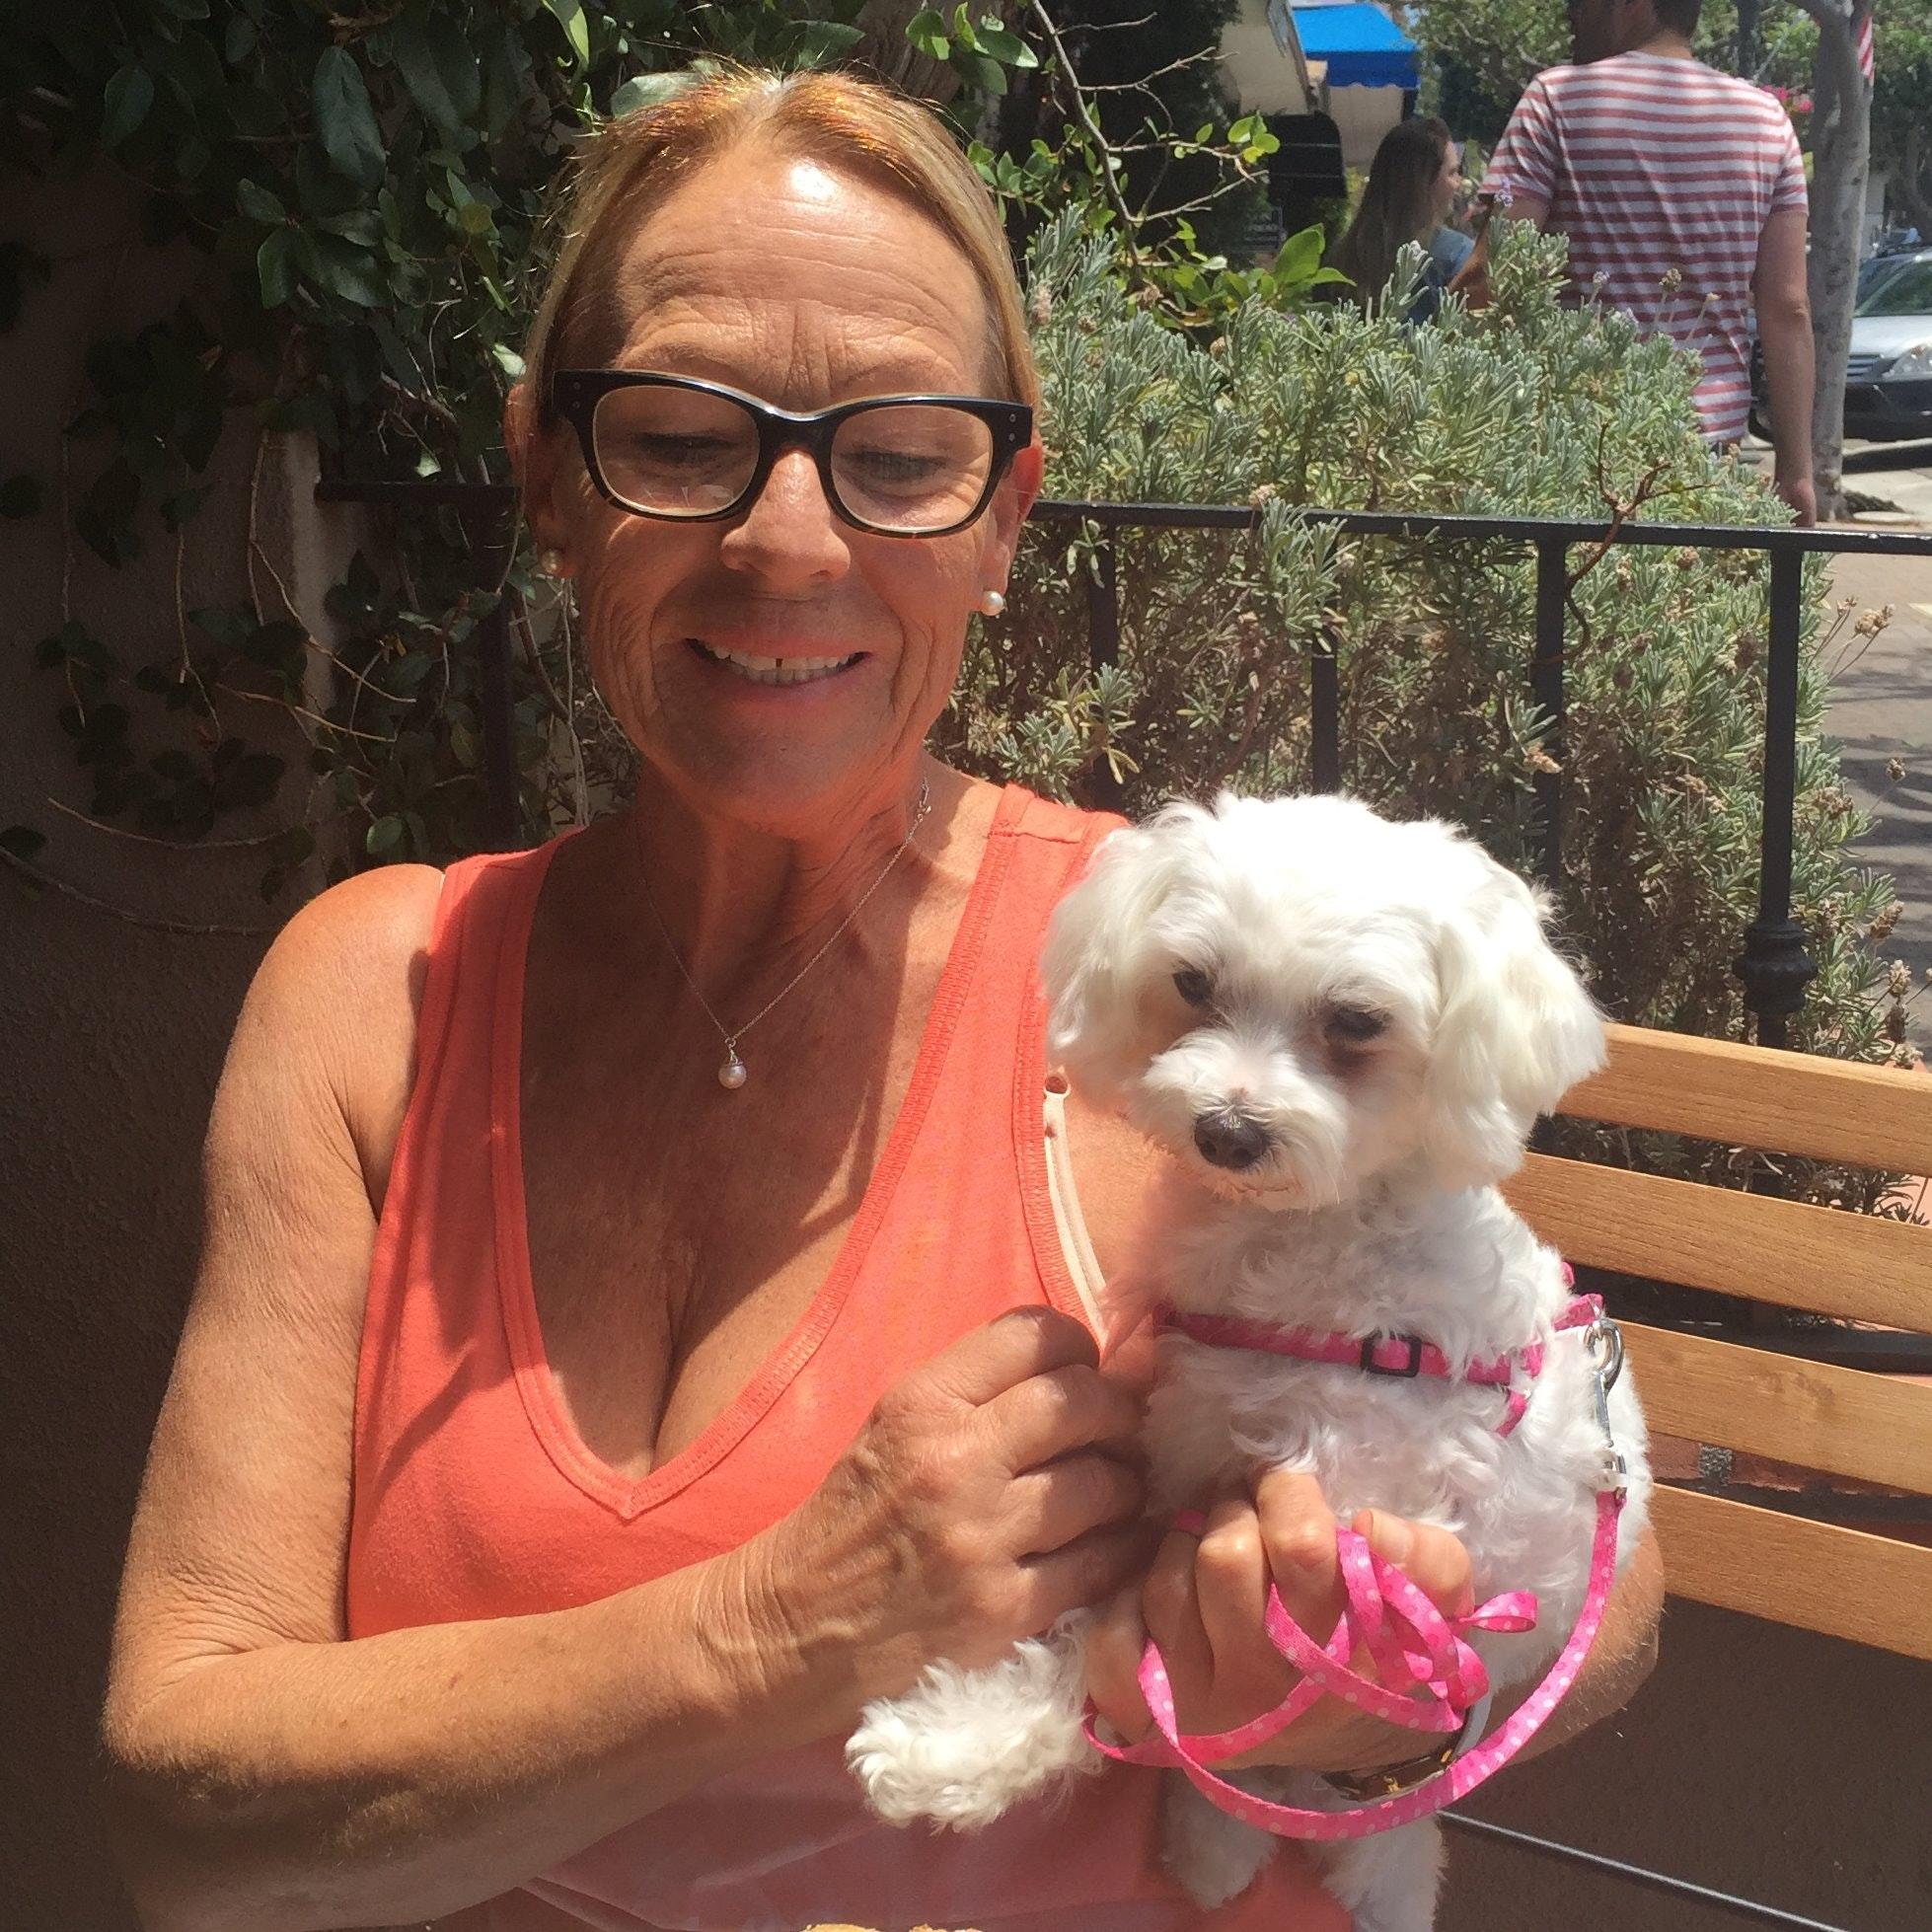 Dianne M's dog boarding